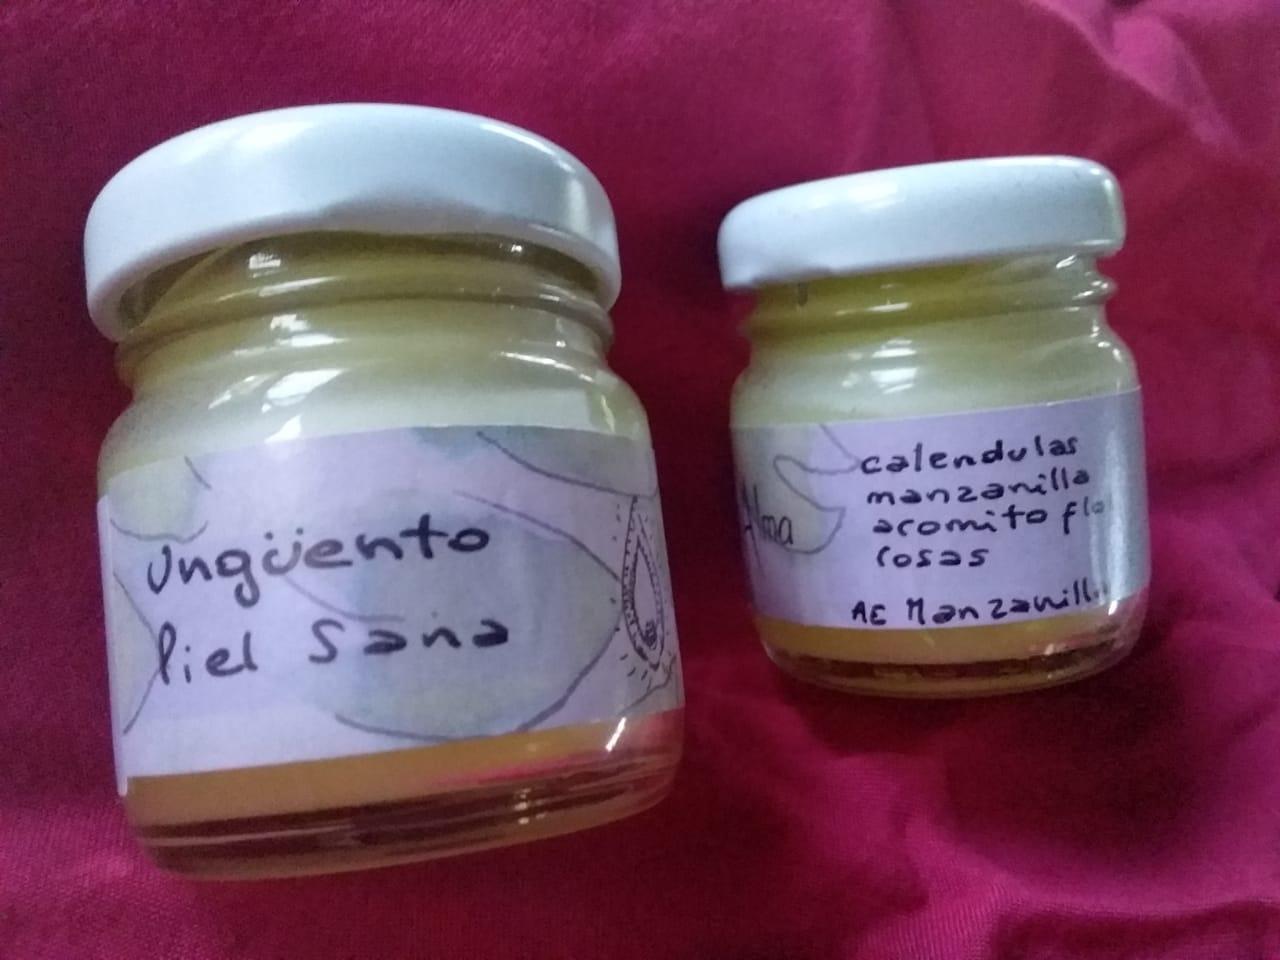 Ungüento piel sana. Aceite con plantas medicinales, cera de abeja y aceites esenciales «Medicina para el alma»